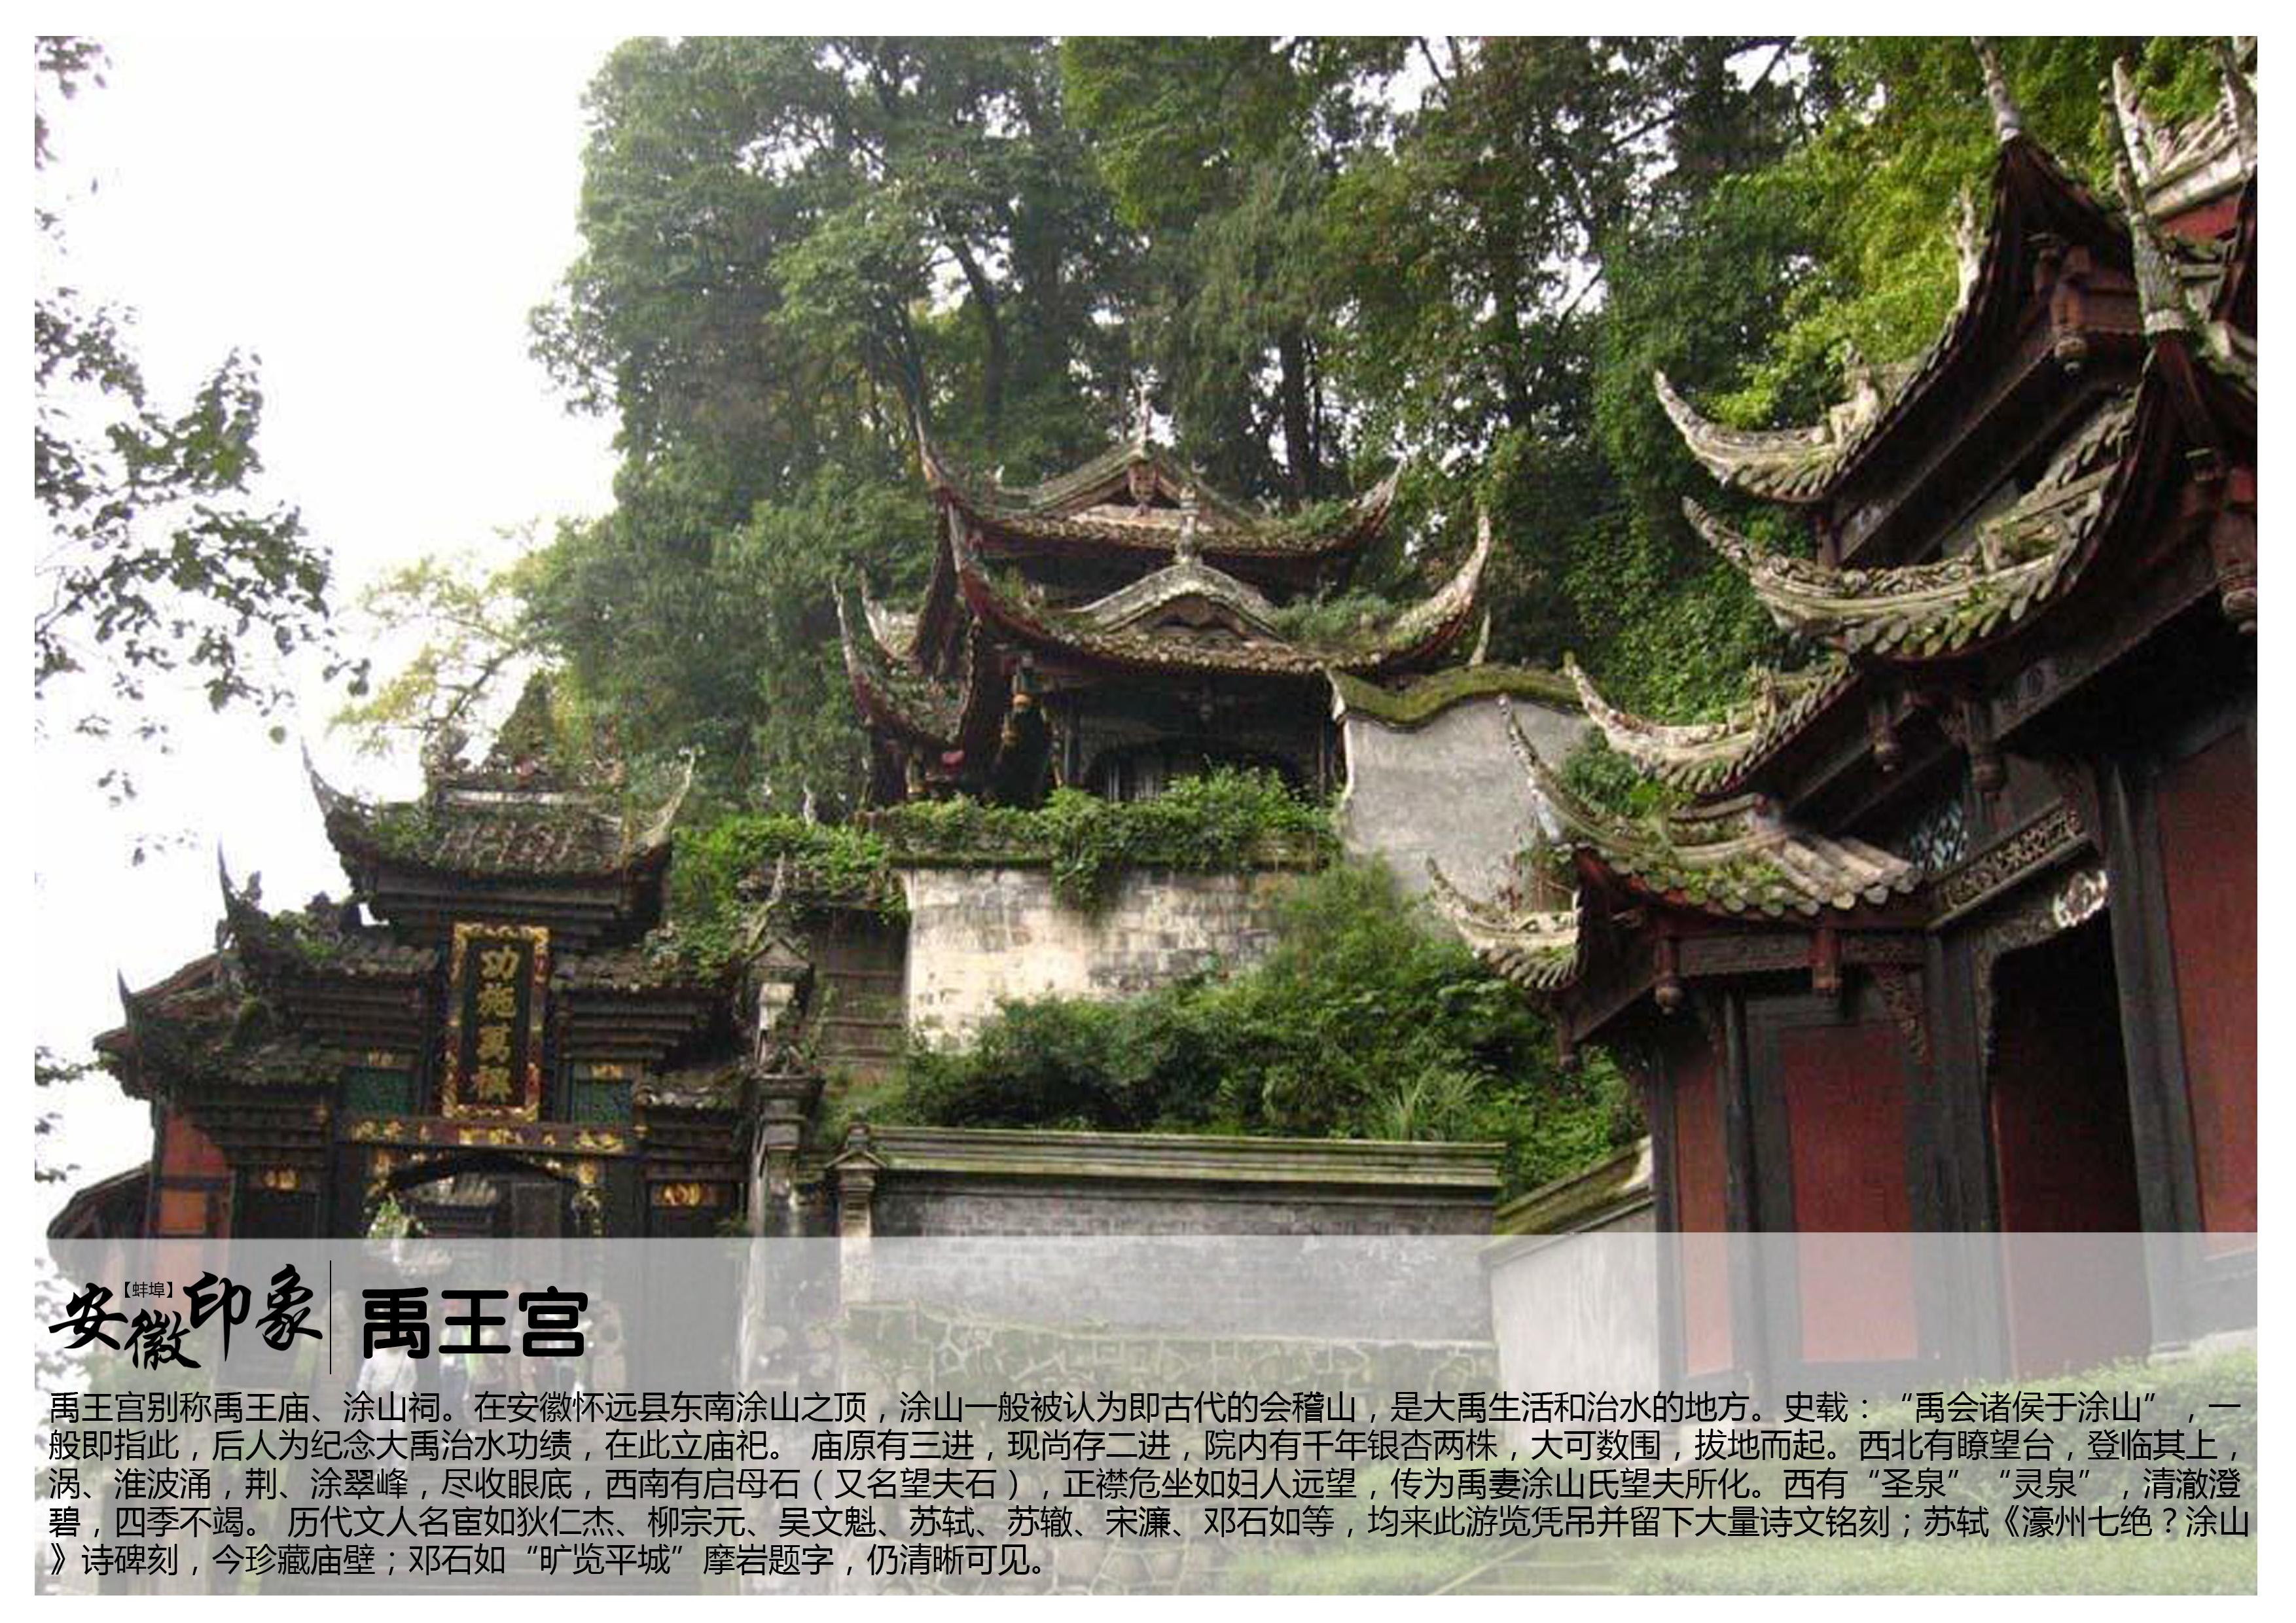 安徽蚌埠旅游景点大全 图片合集